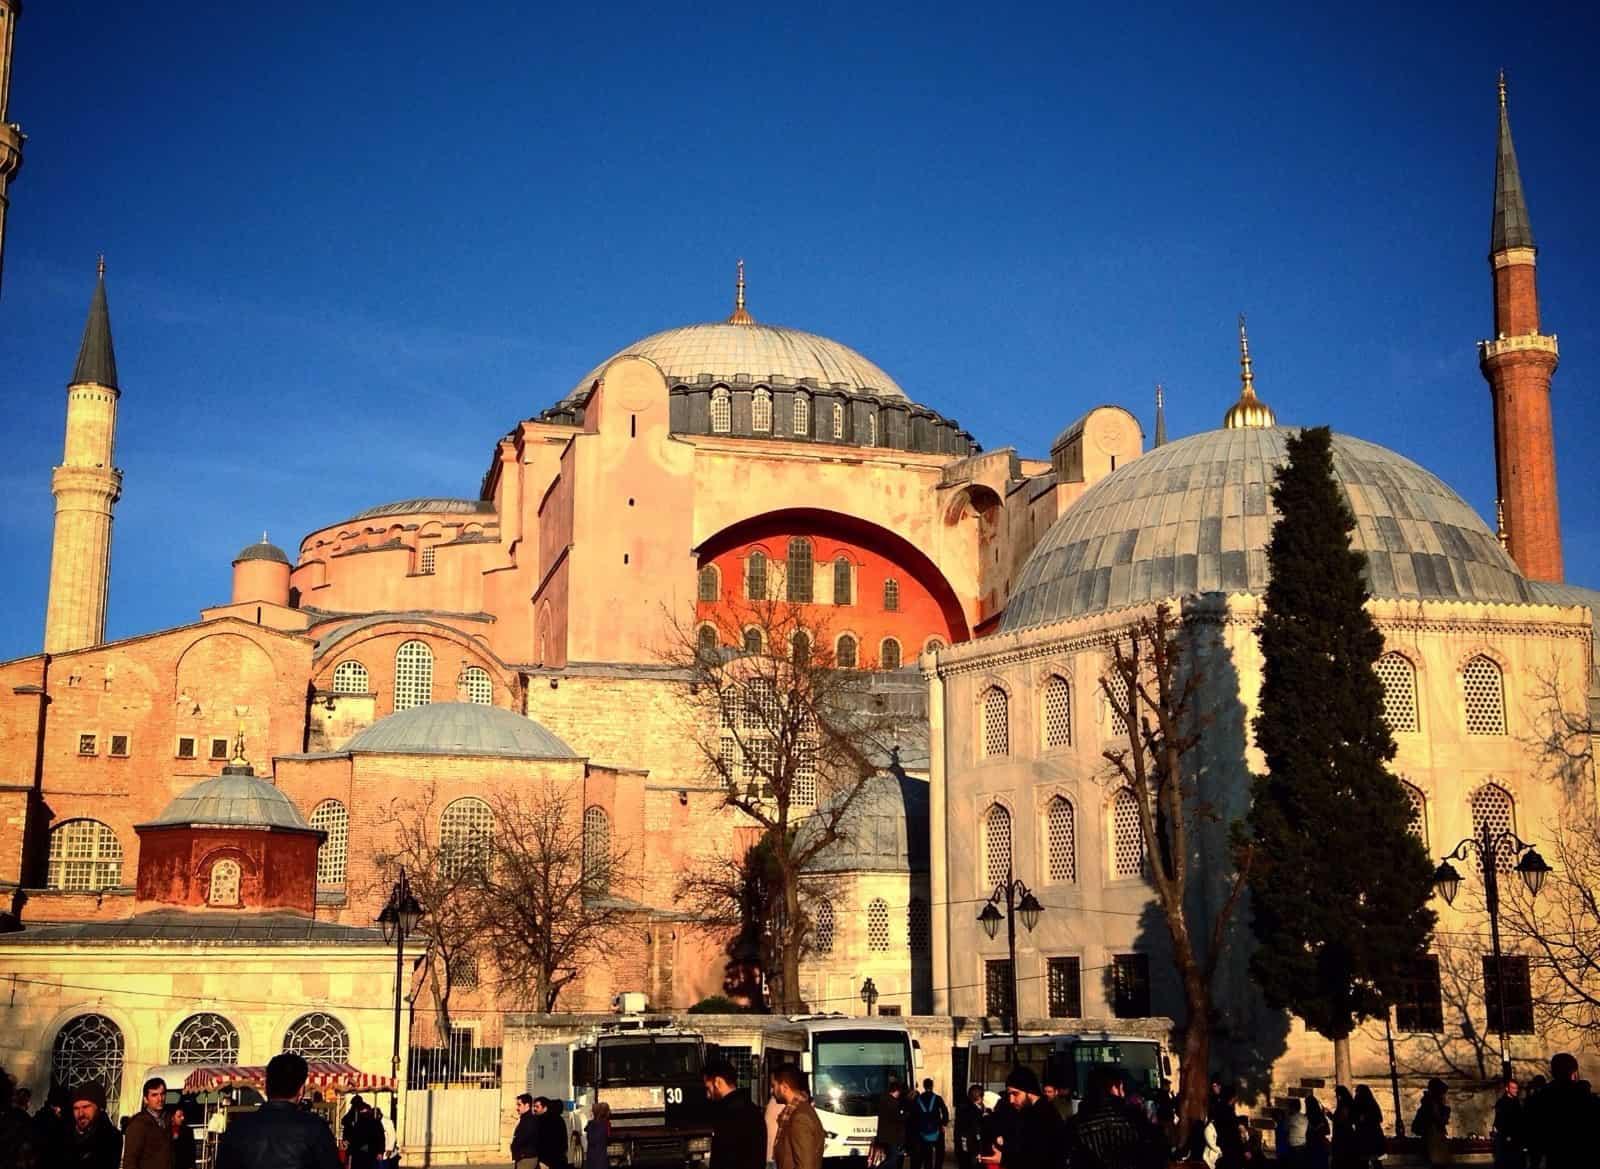 Atardecer en Santa (Hagia) Sofía